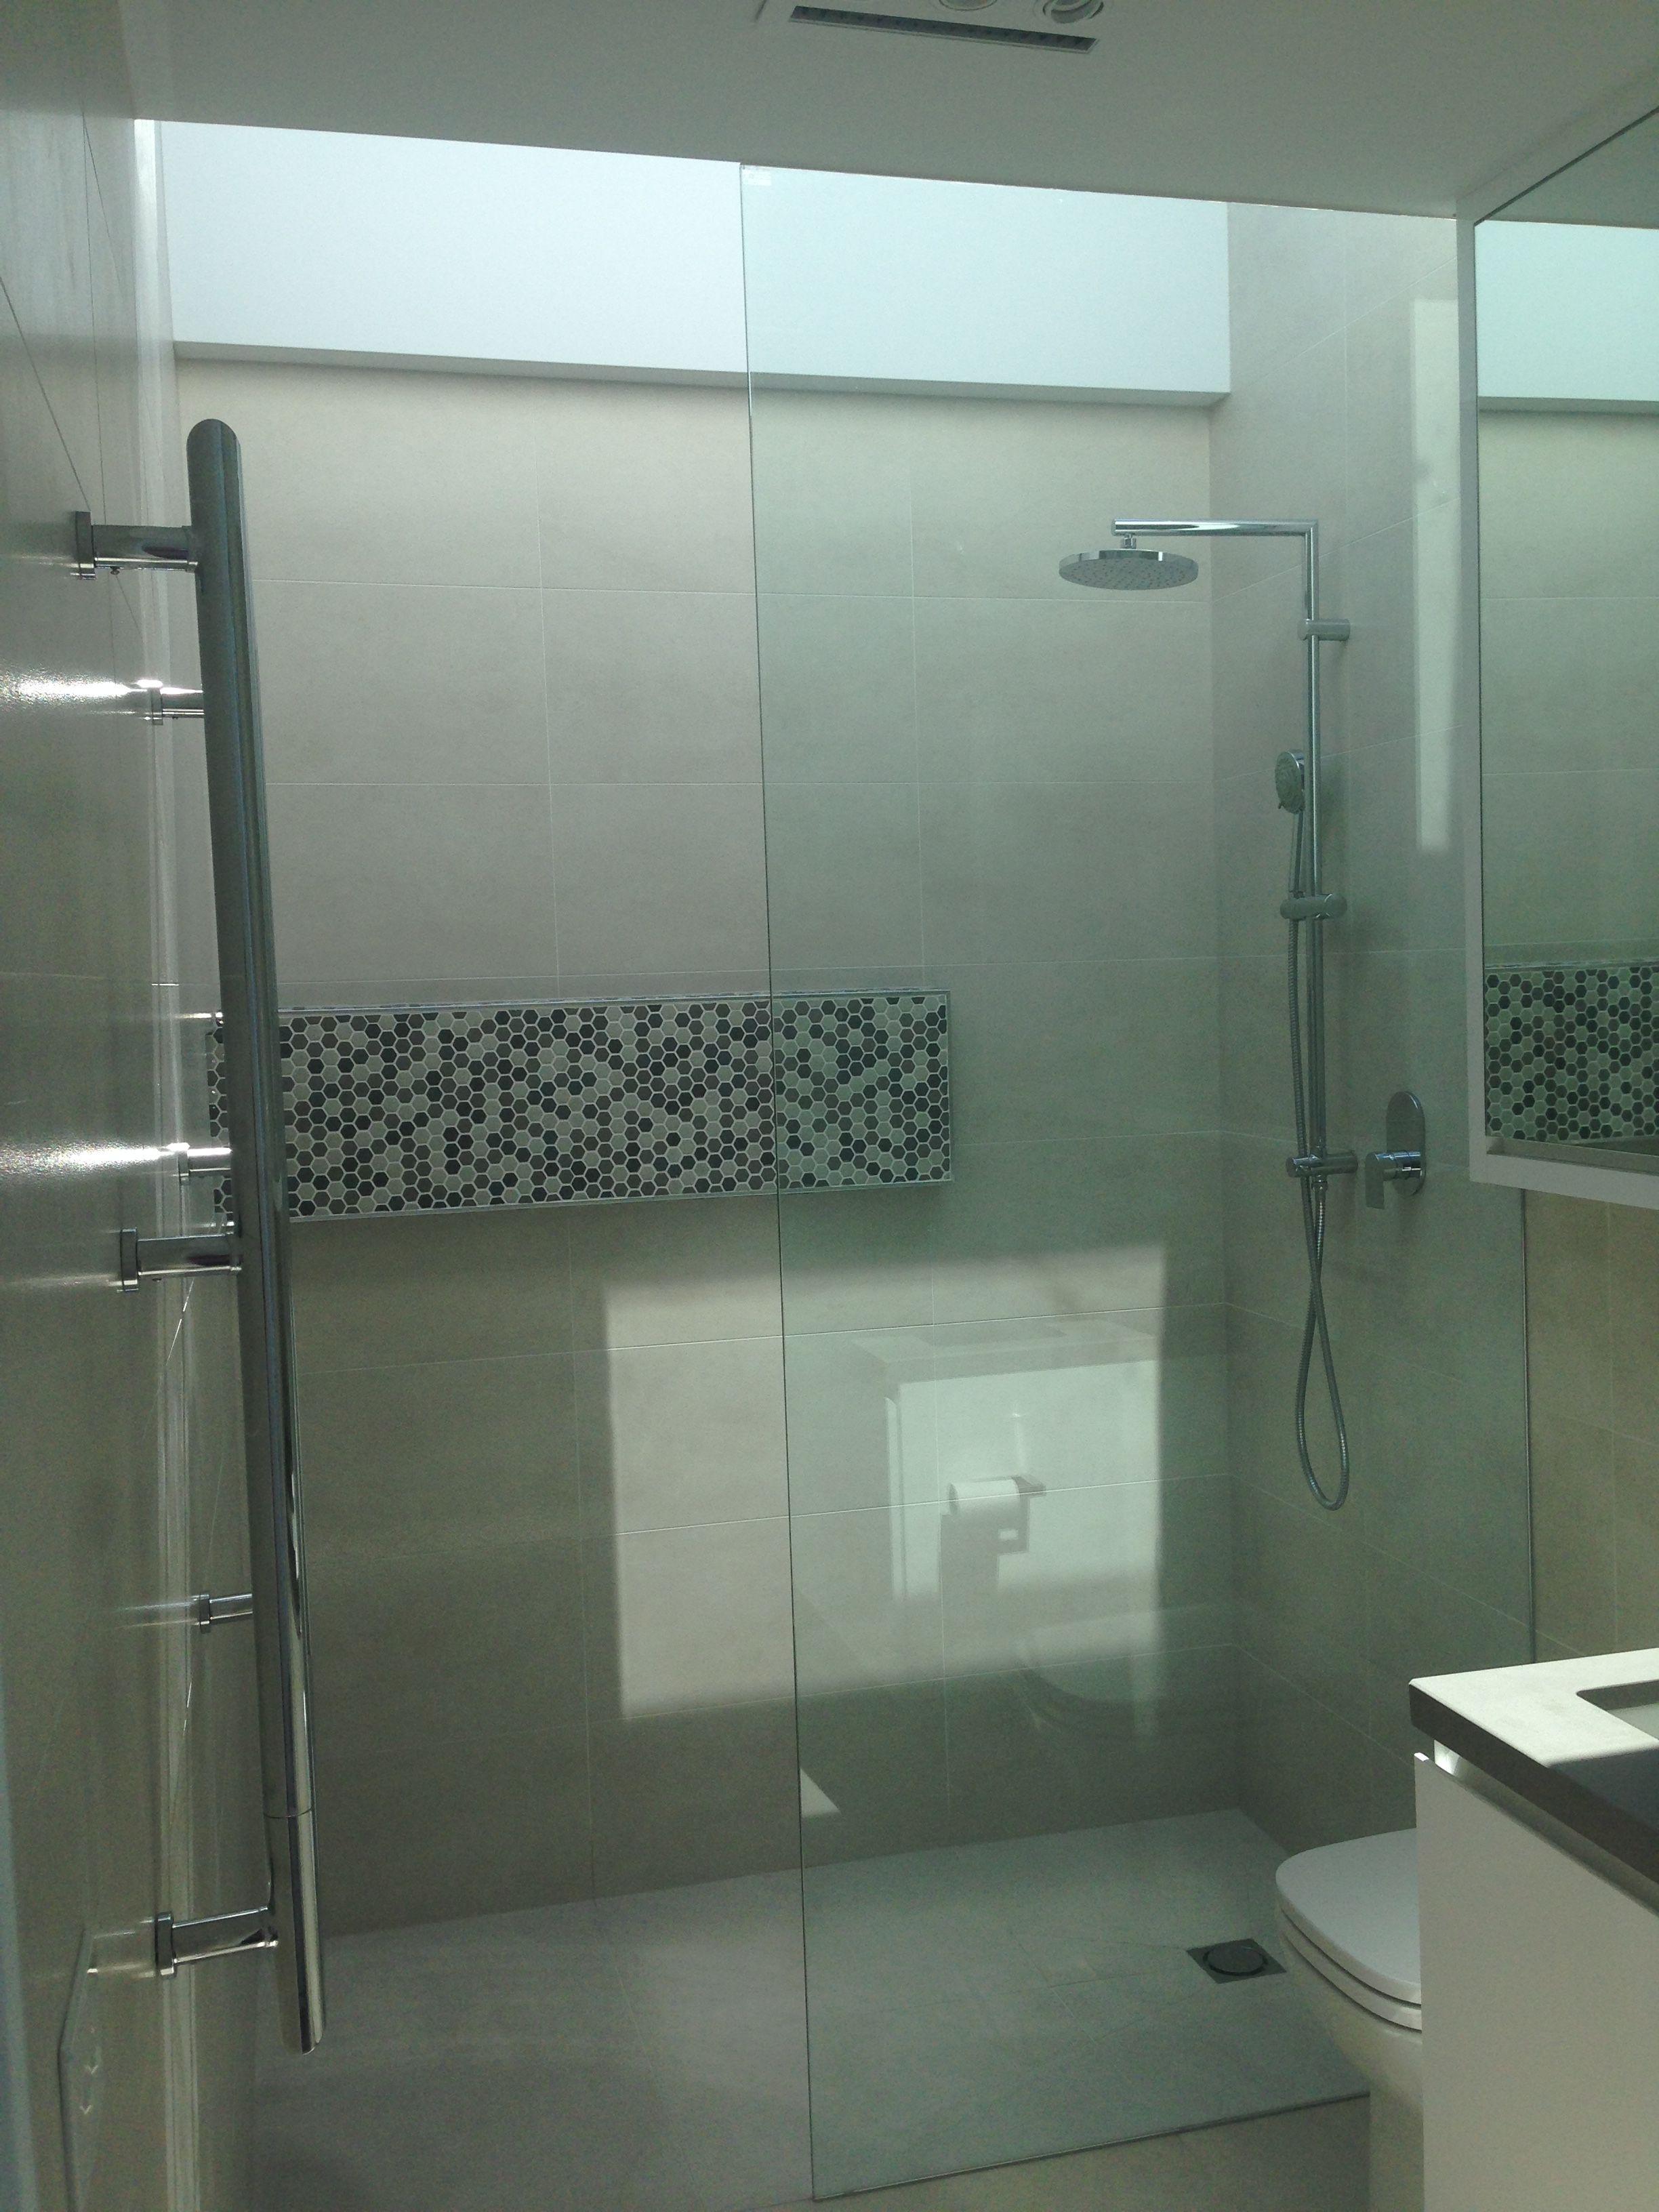 Upstairs bathroom light well | Bathroom | Pinterest | Upstairs bathrooms